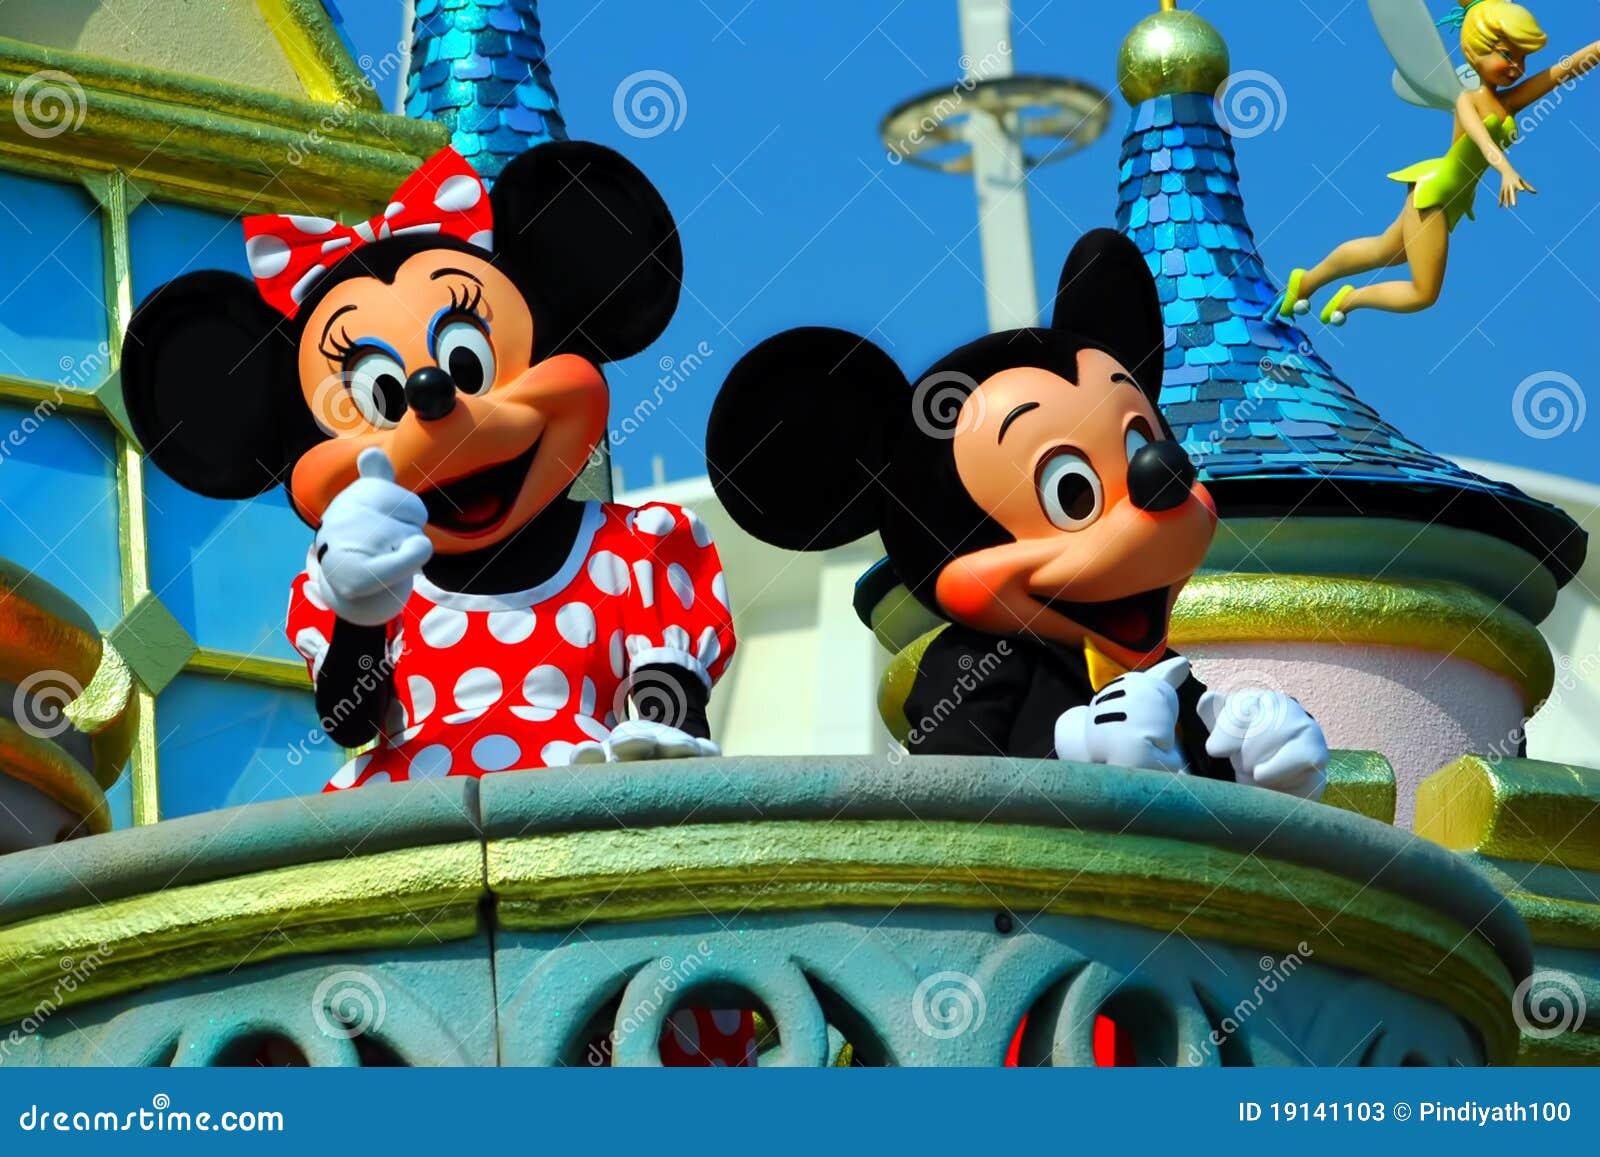 Mickey e rato de minnie